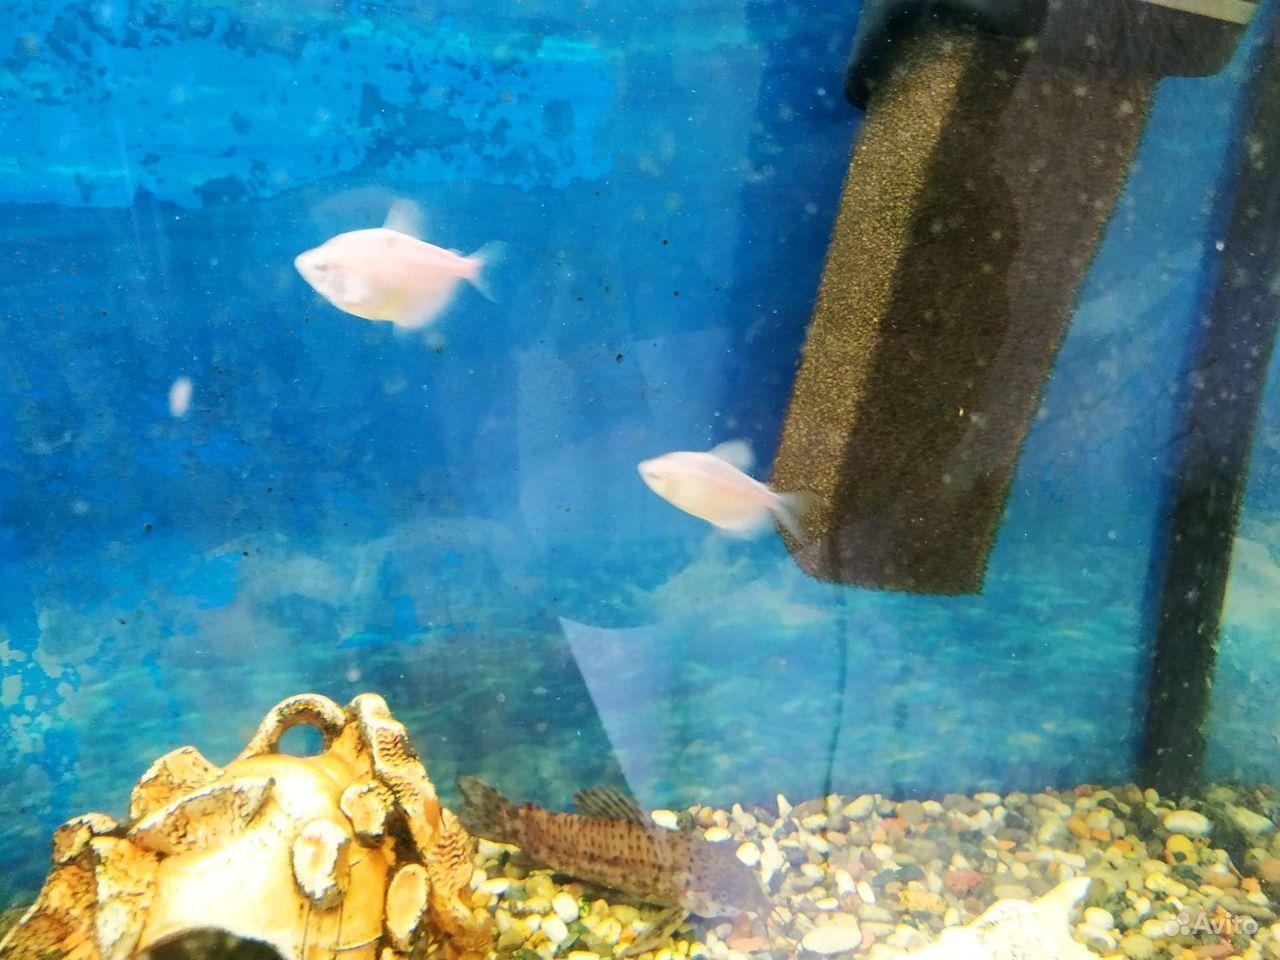 Украшение для аквариума купить на Зозу.ру - фотография № 6